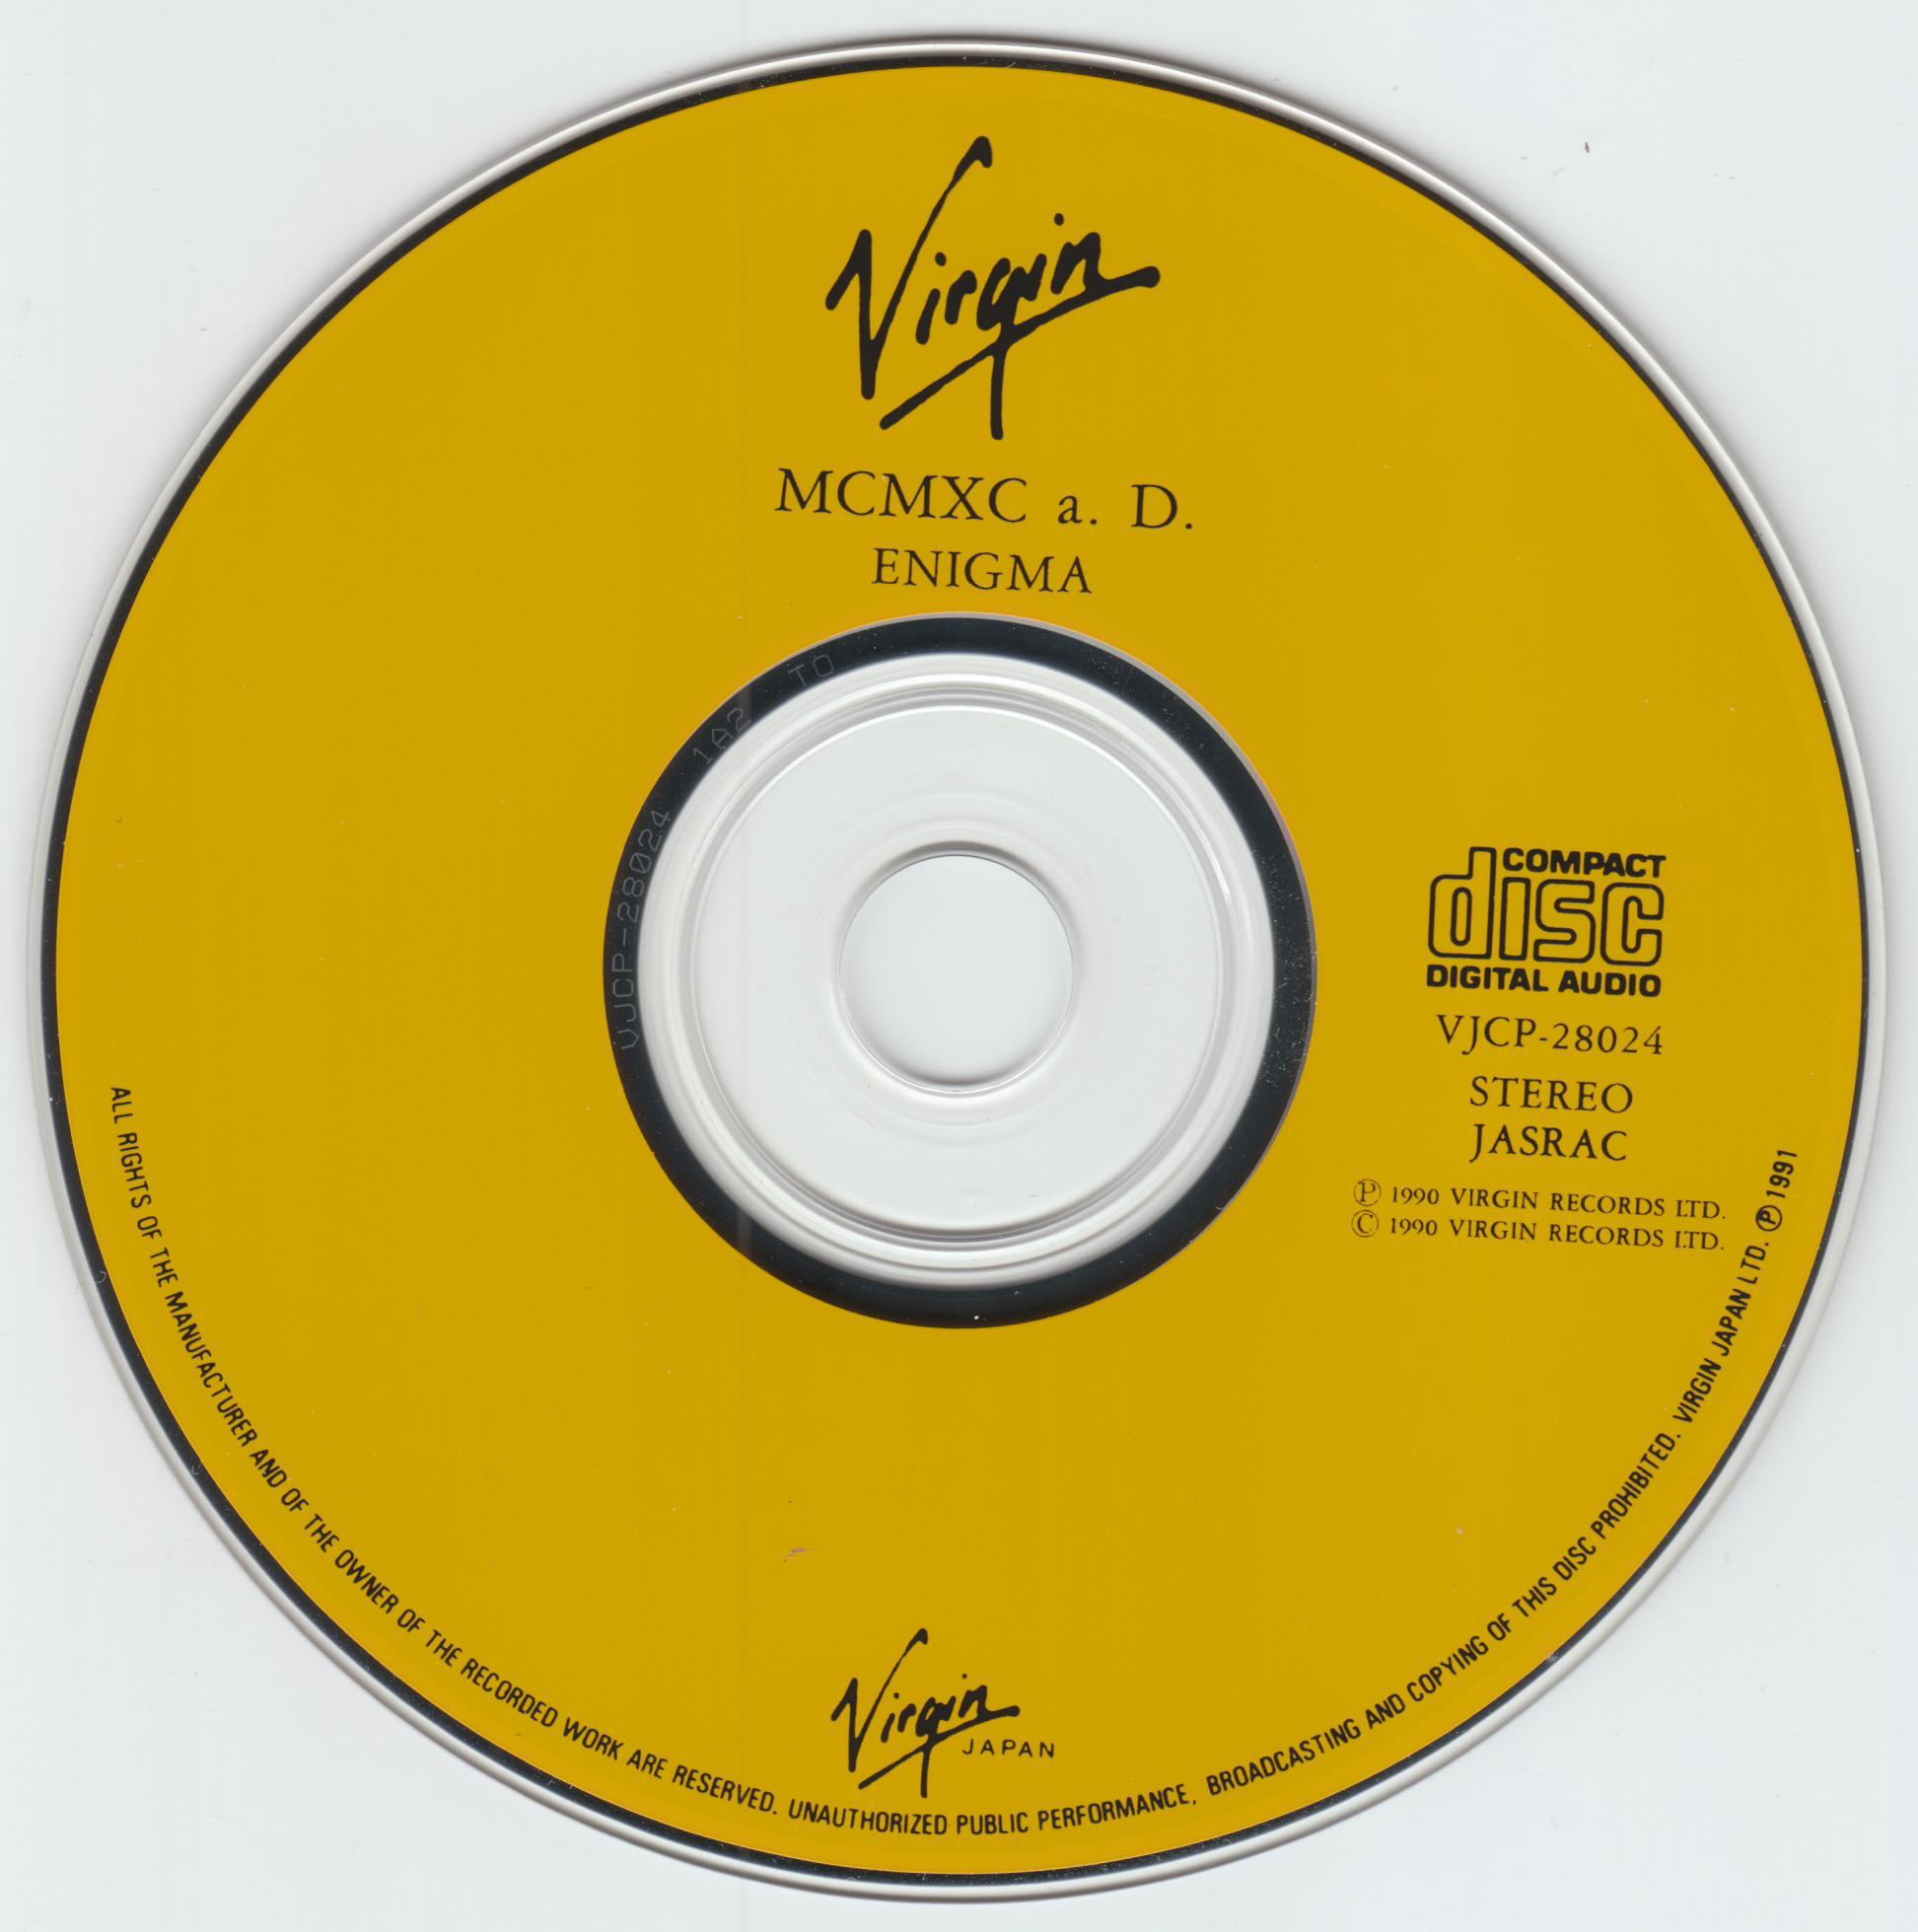 МУЗЫКА ИНИГМА 90-93 СКАЧАТЬ БЕСПЛАТНО